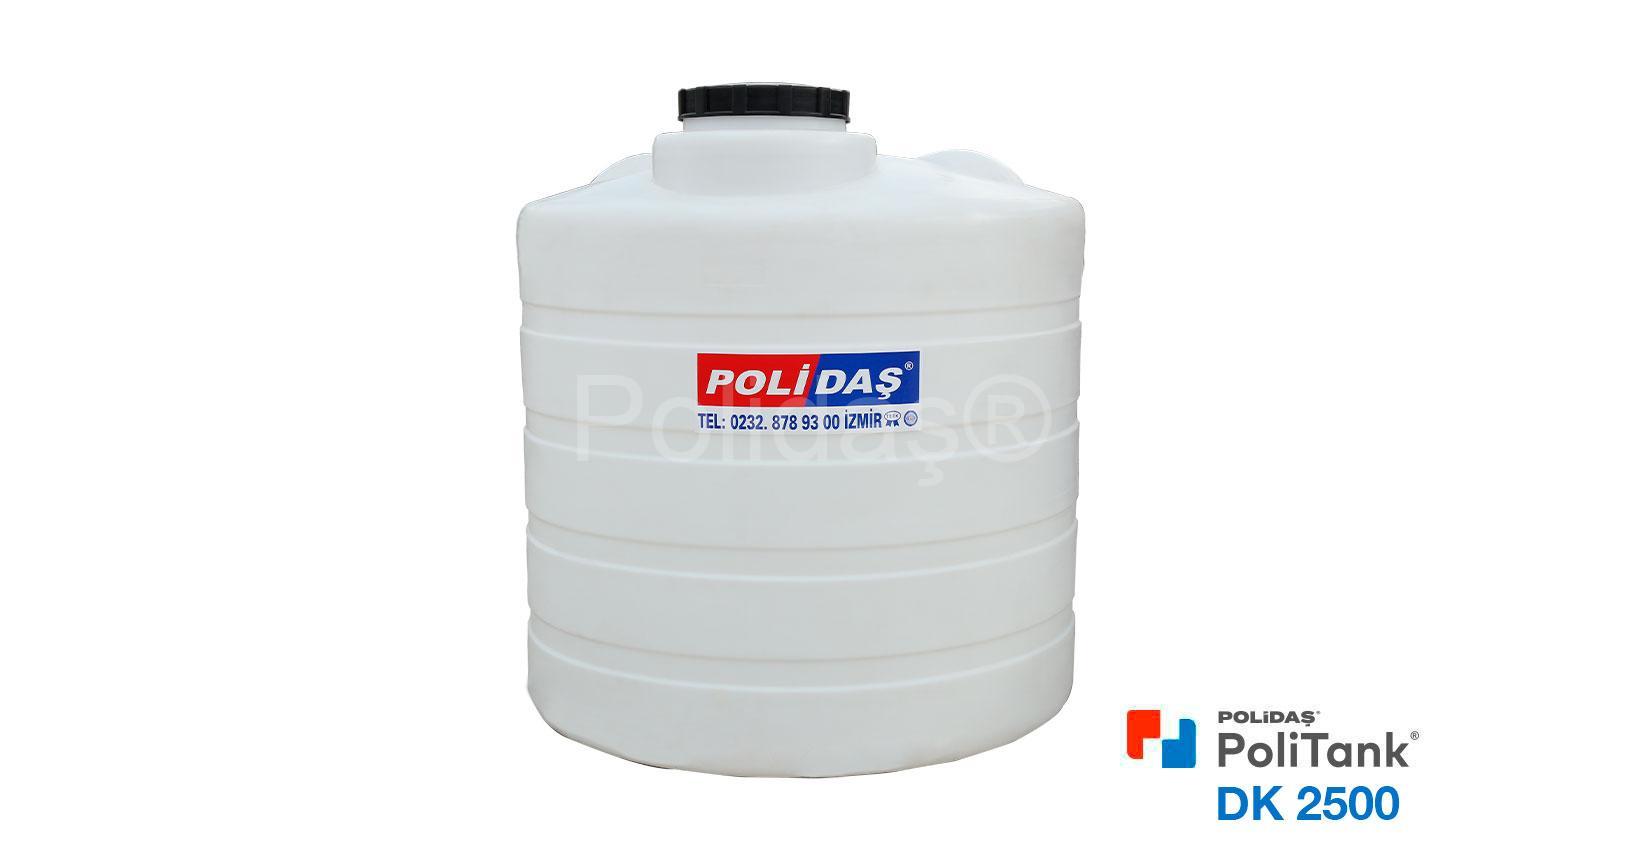 polietilen-su-deposu-dK2500